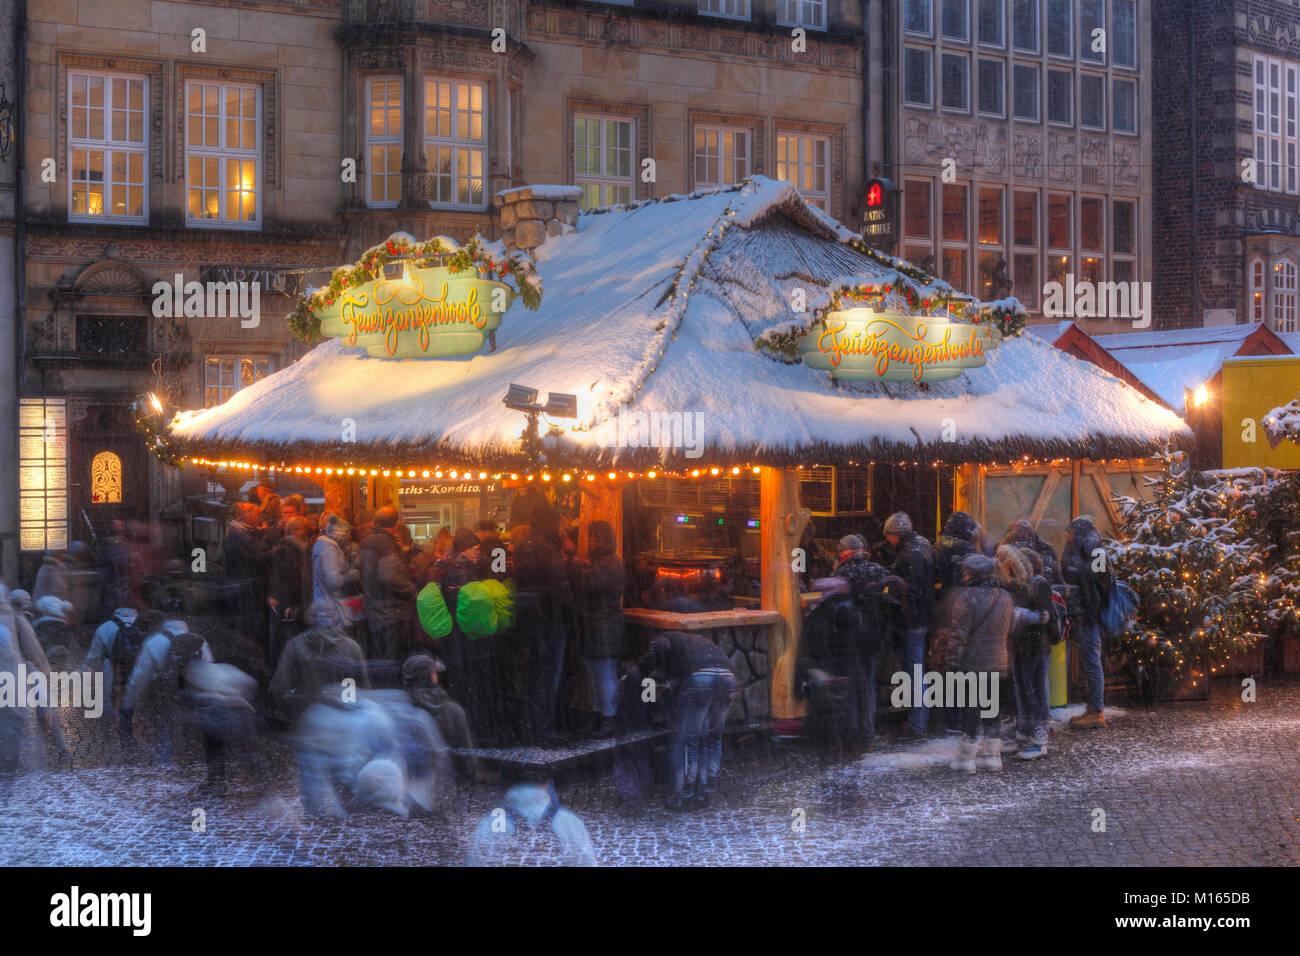 Verschneiter Glühweinstand auf dem Weihnachtsmarkt am Marktplatz bei Abenddämmerung, Bremen, Deutschland Stockbild